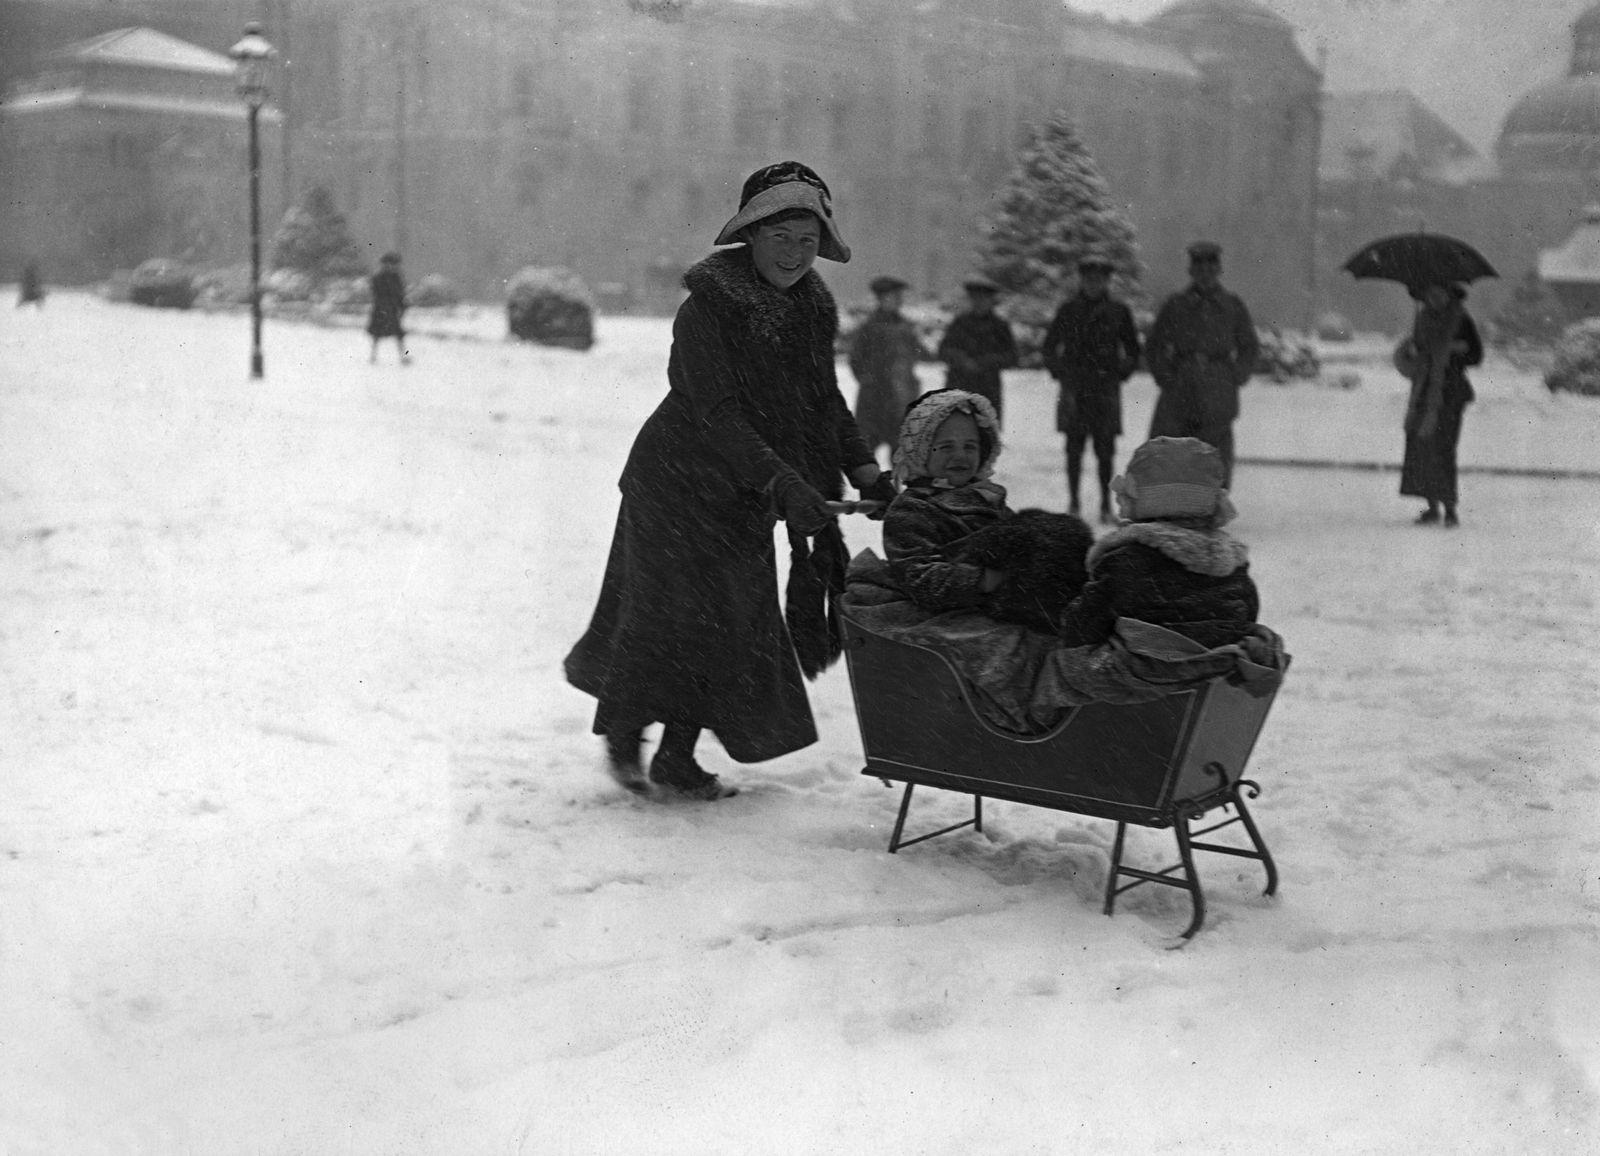 Schlitten mit Kindern am Gendarmenmarkt, um 1906 © bpk / Kunstbibliothek, SMB / Willy Römer